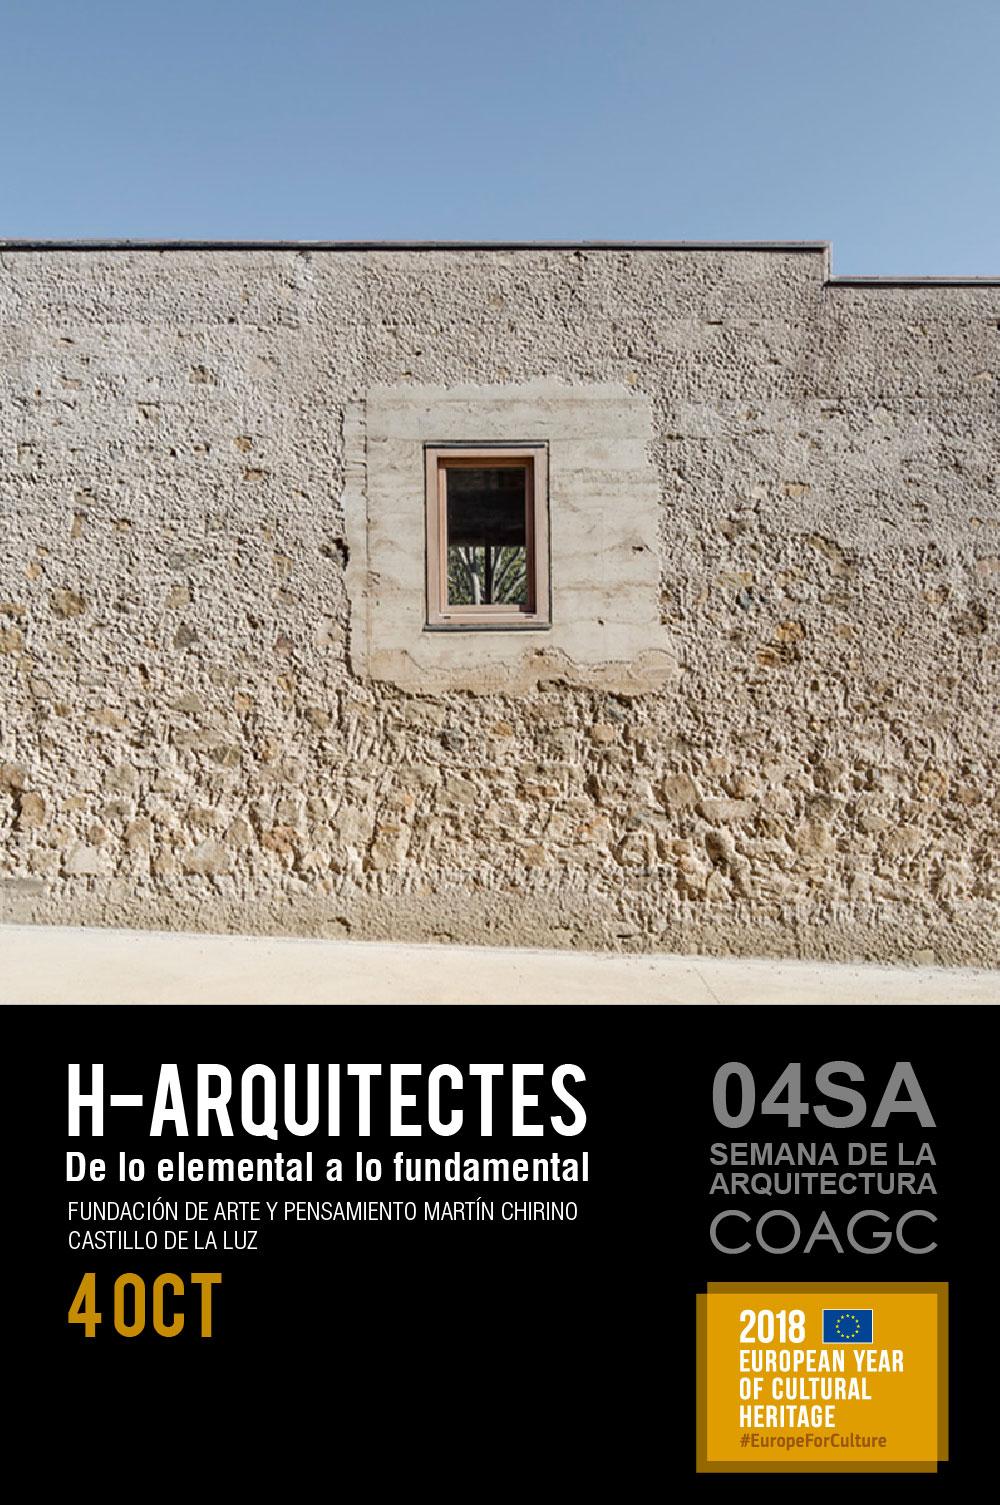 Conferencia 'De lo elemental a lo fundamental' de H-Arquitectes